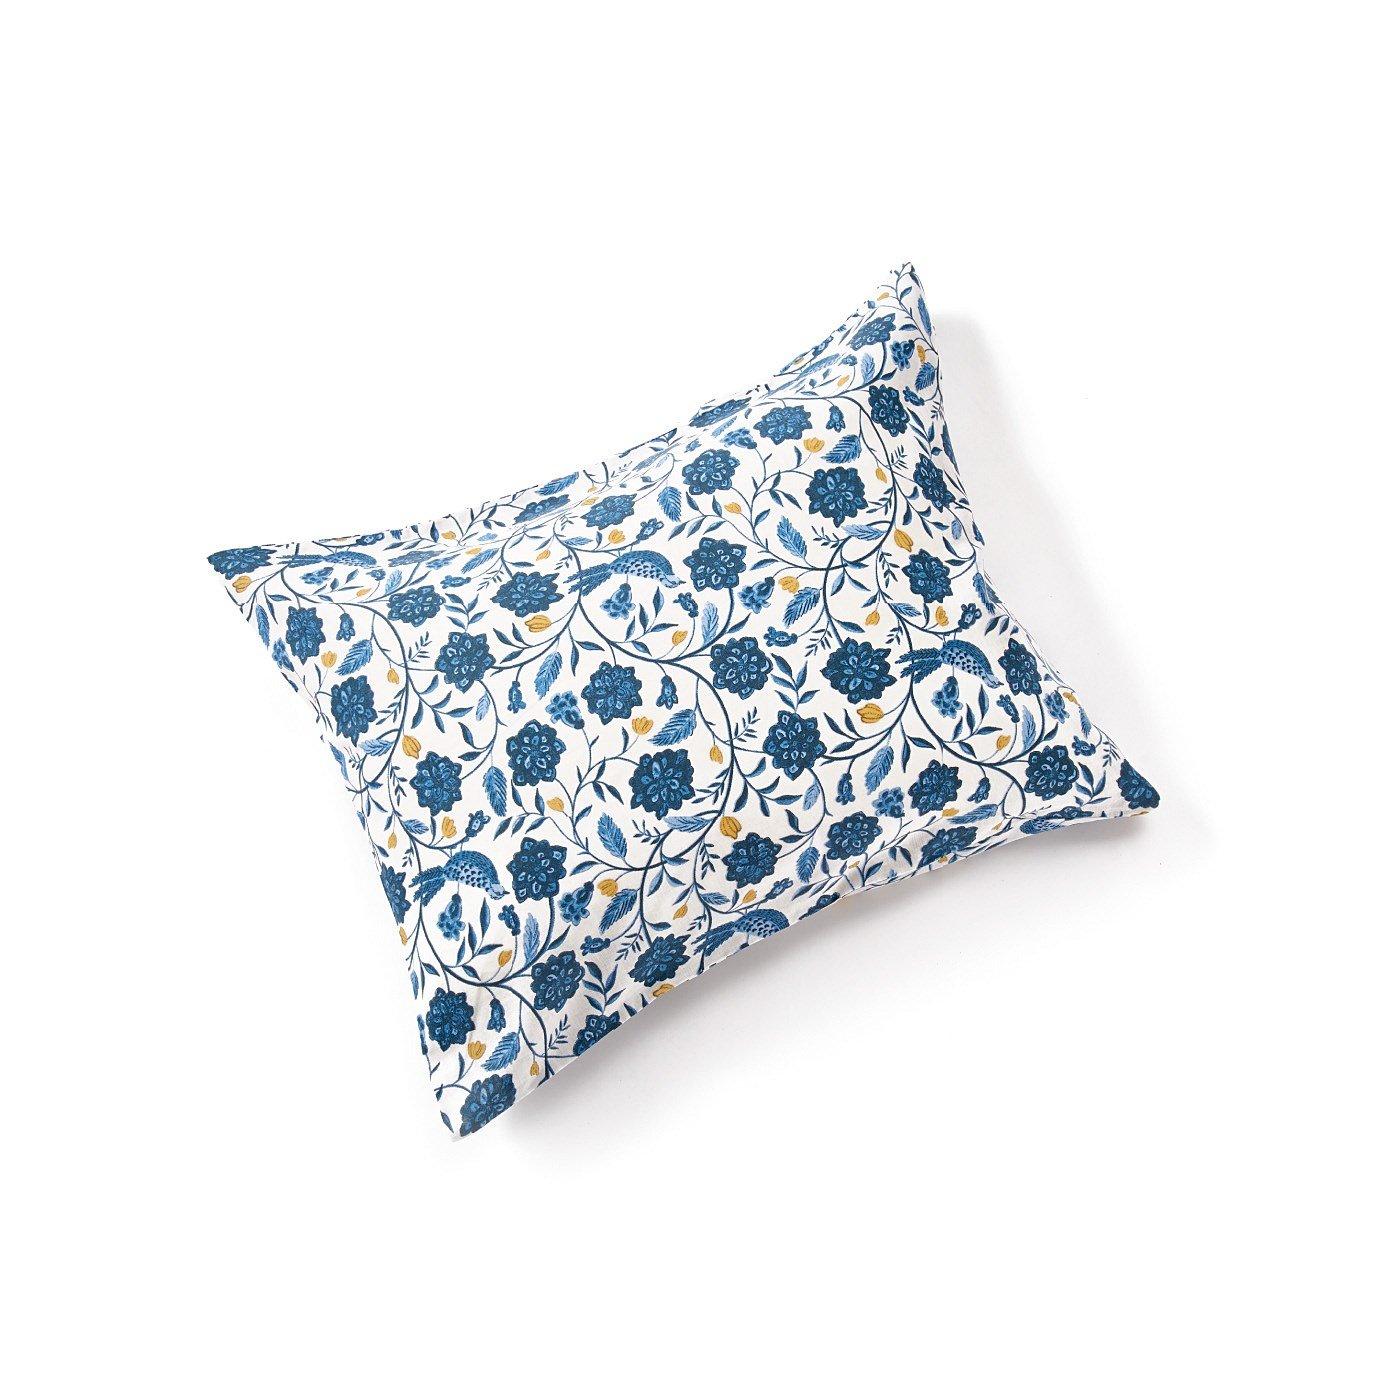 am&be 暮らしに華を添える アンティークフラワーのダブルガーゼ枕カバー